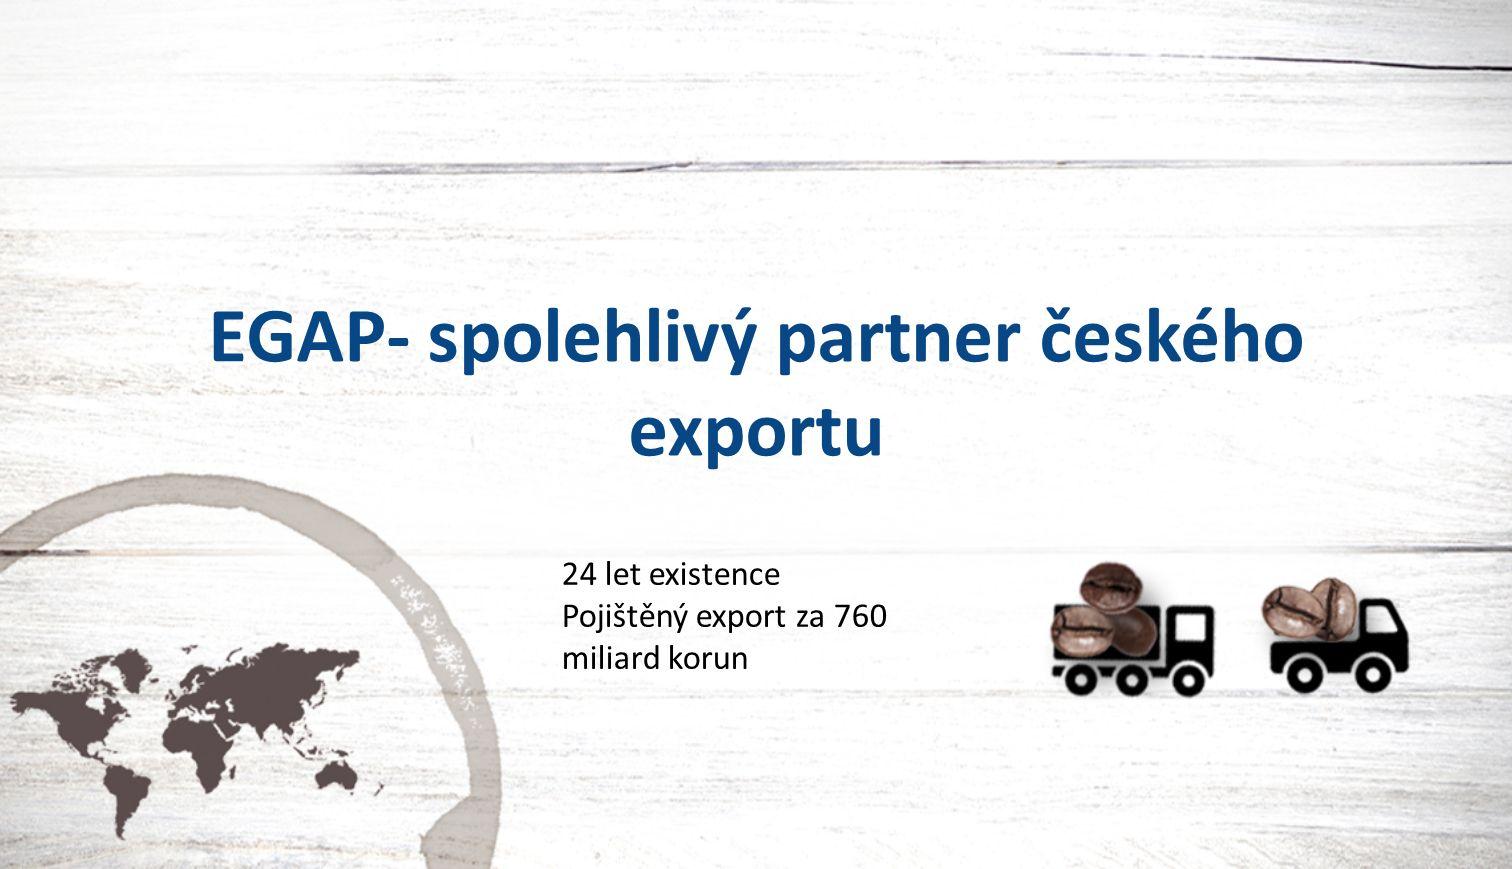 EGAP- spolehlivý partner českého exportu 24 let existence Pojištěný export za 760 miliard korun